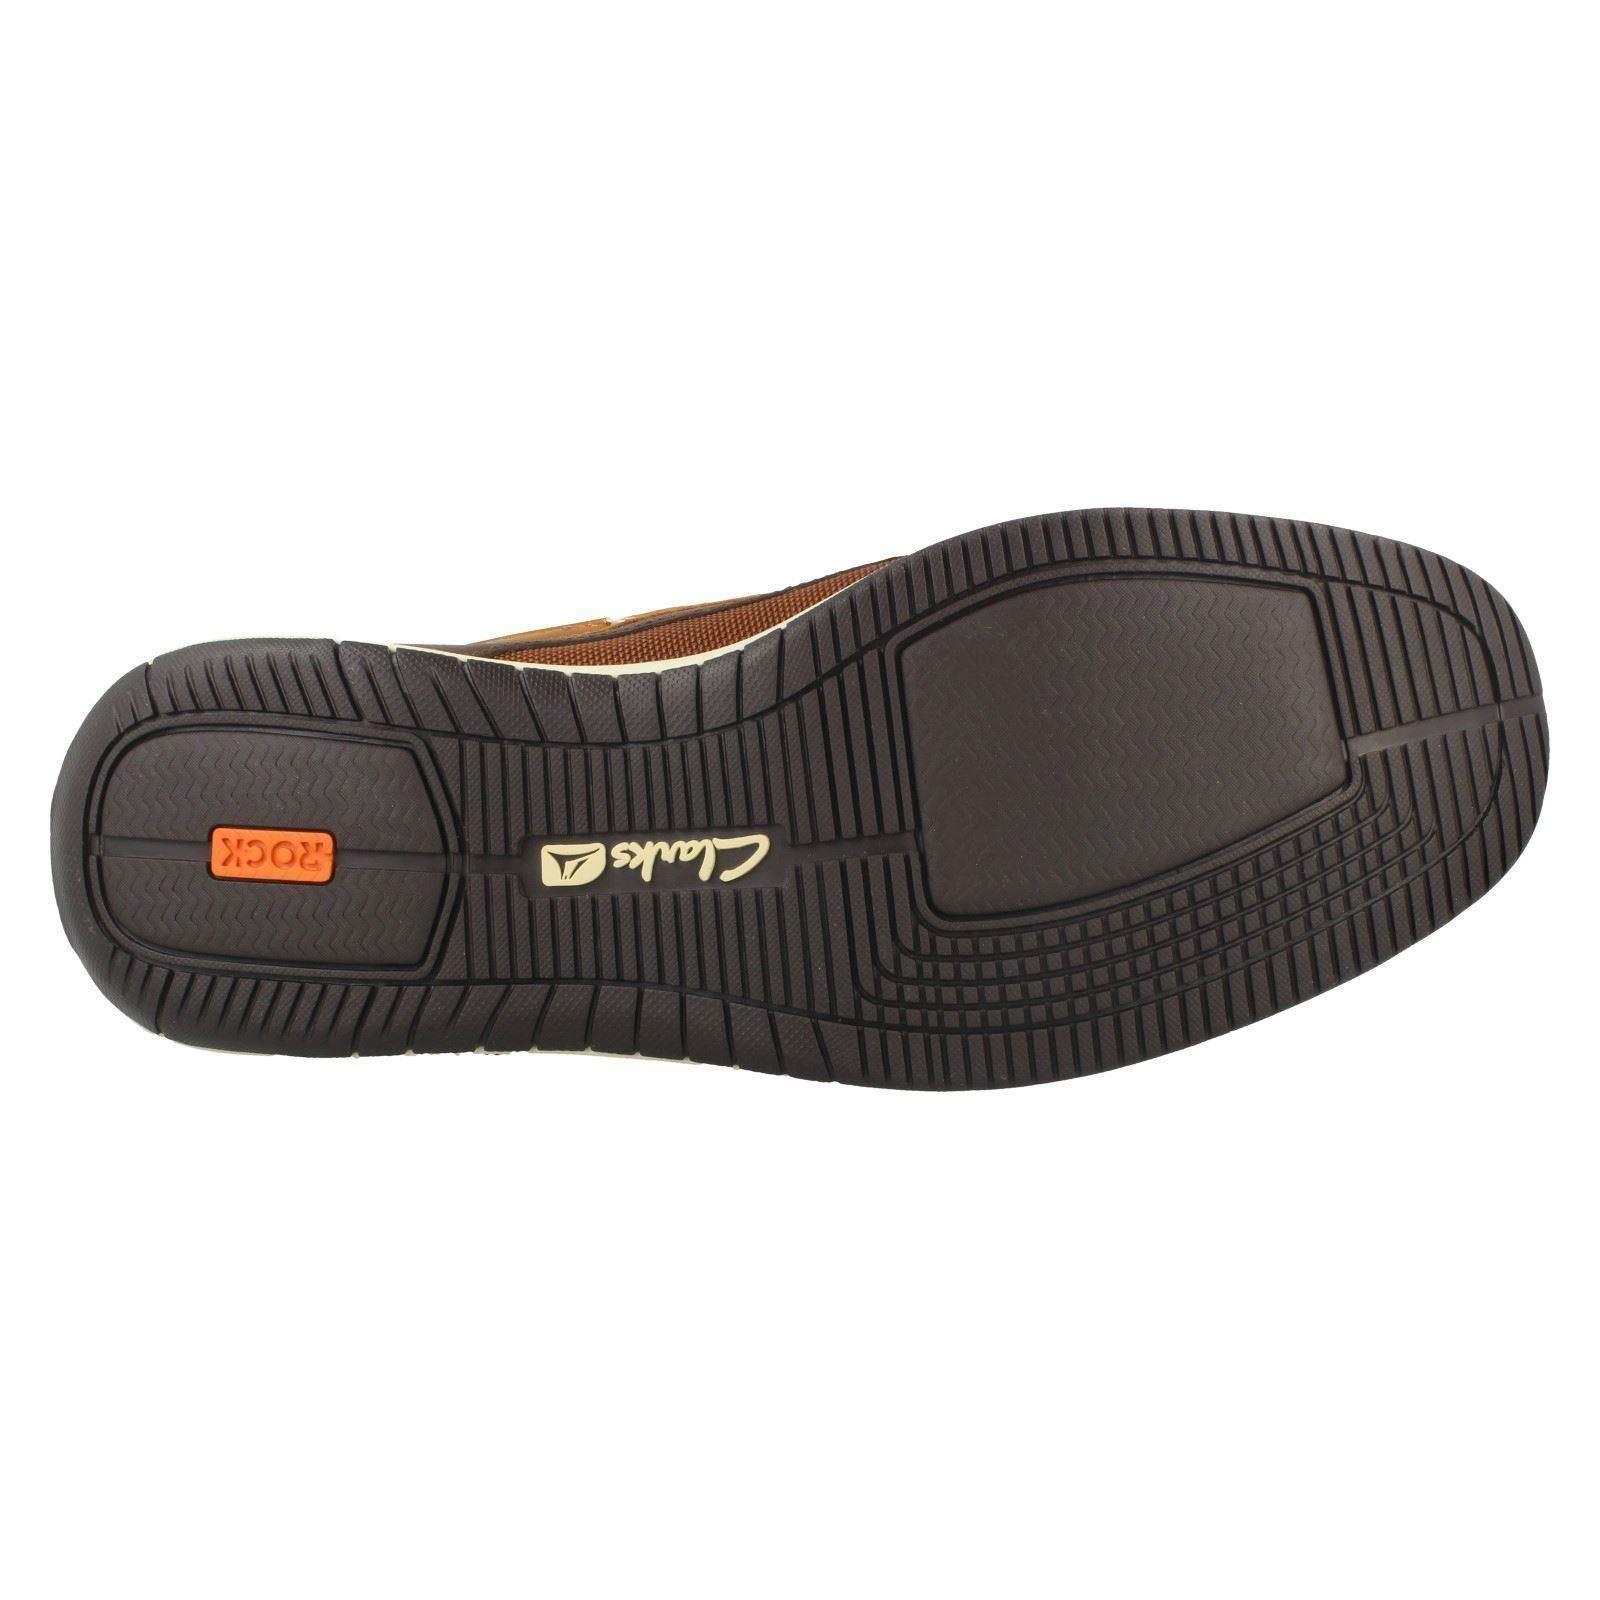 newest a25db 49304 Clarks Pour Homme Chaussures Bateau